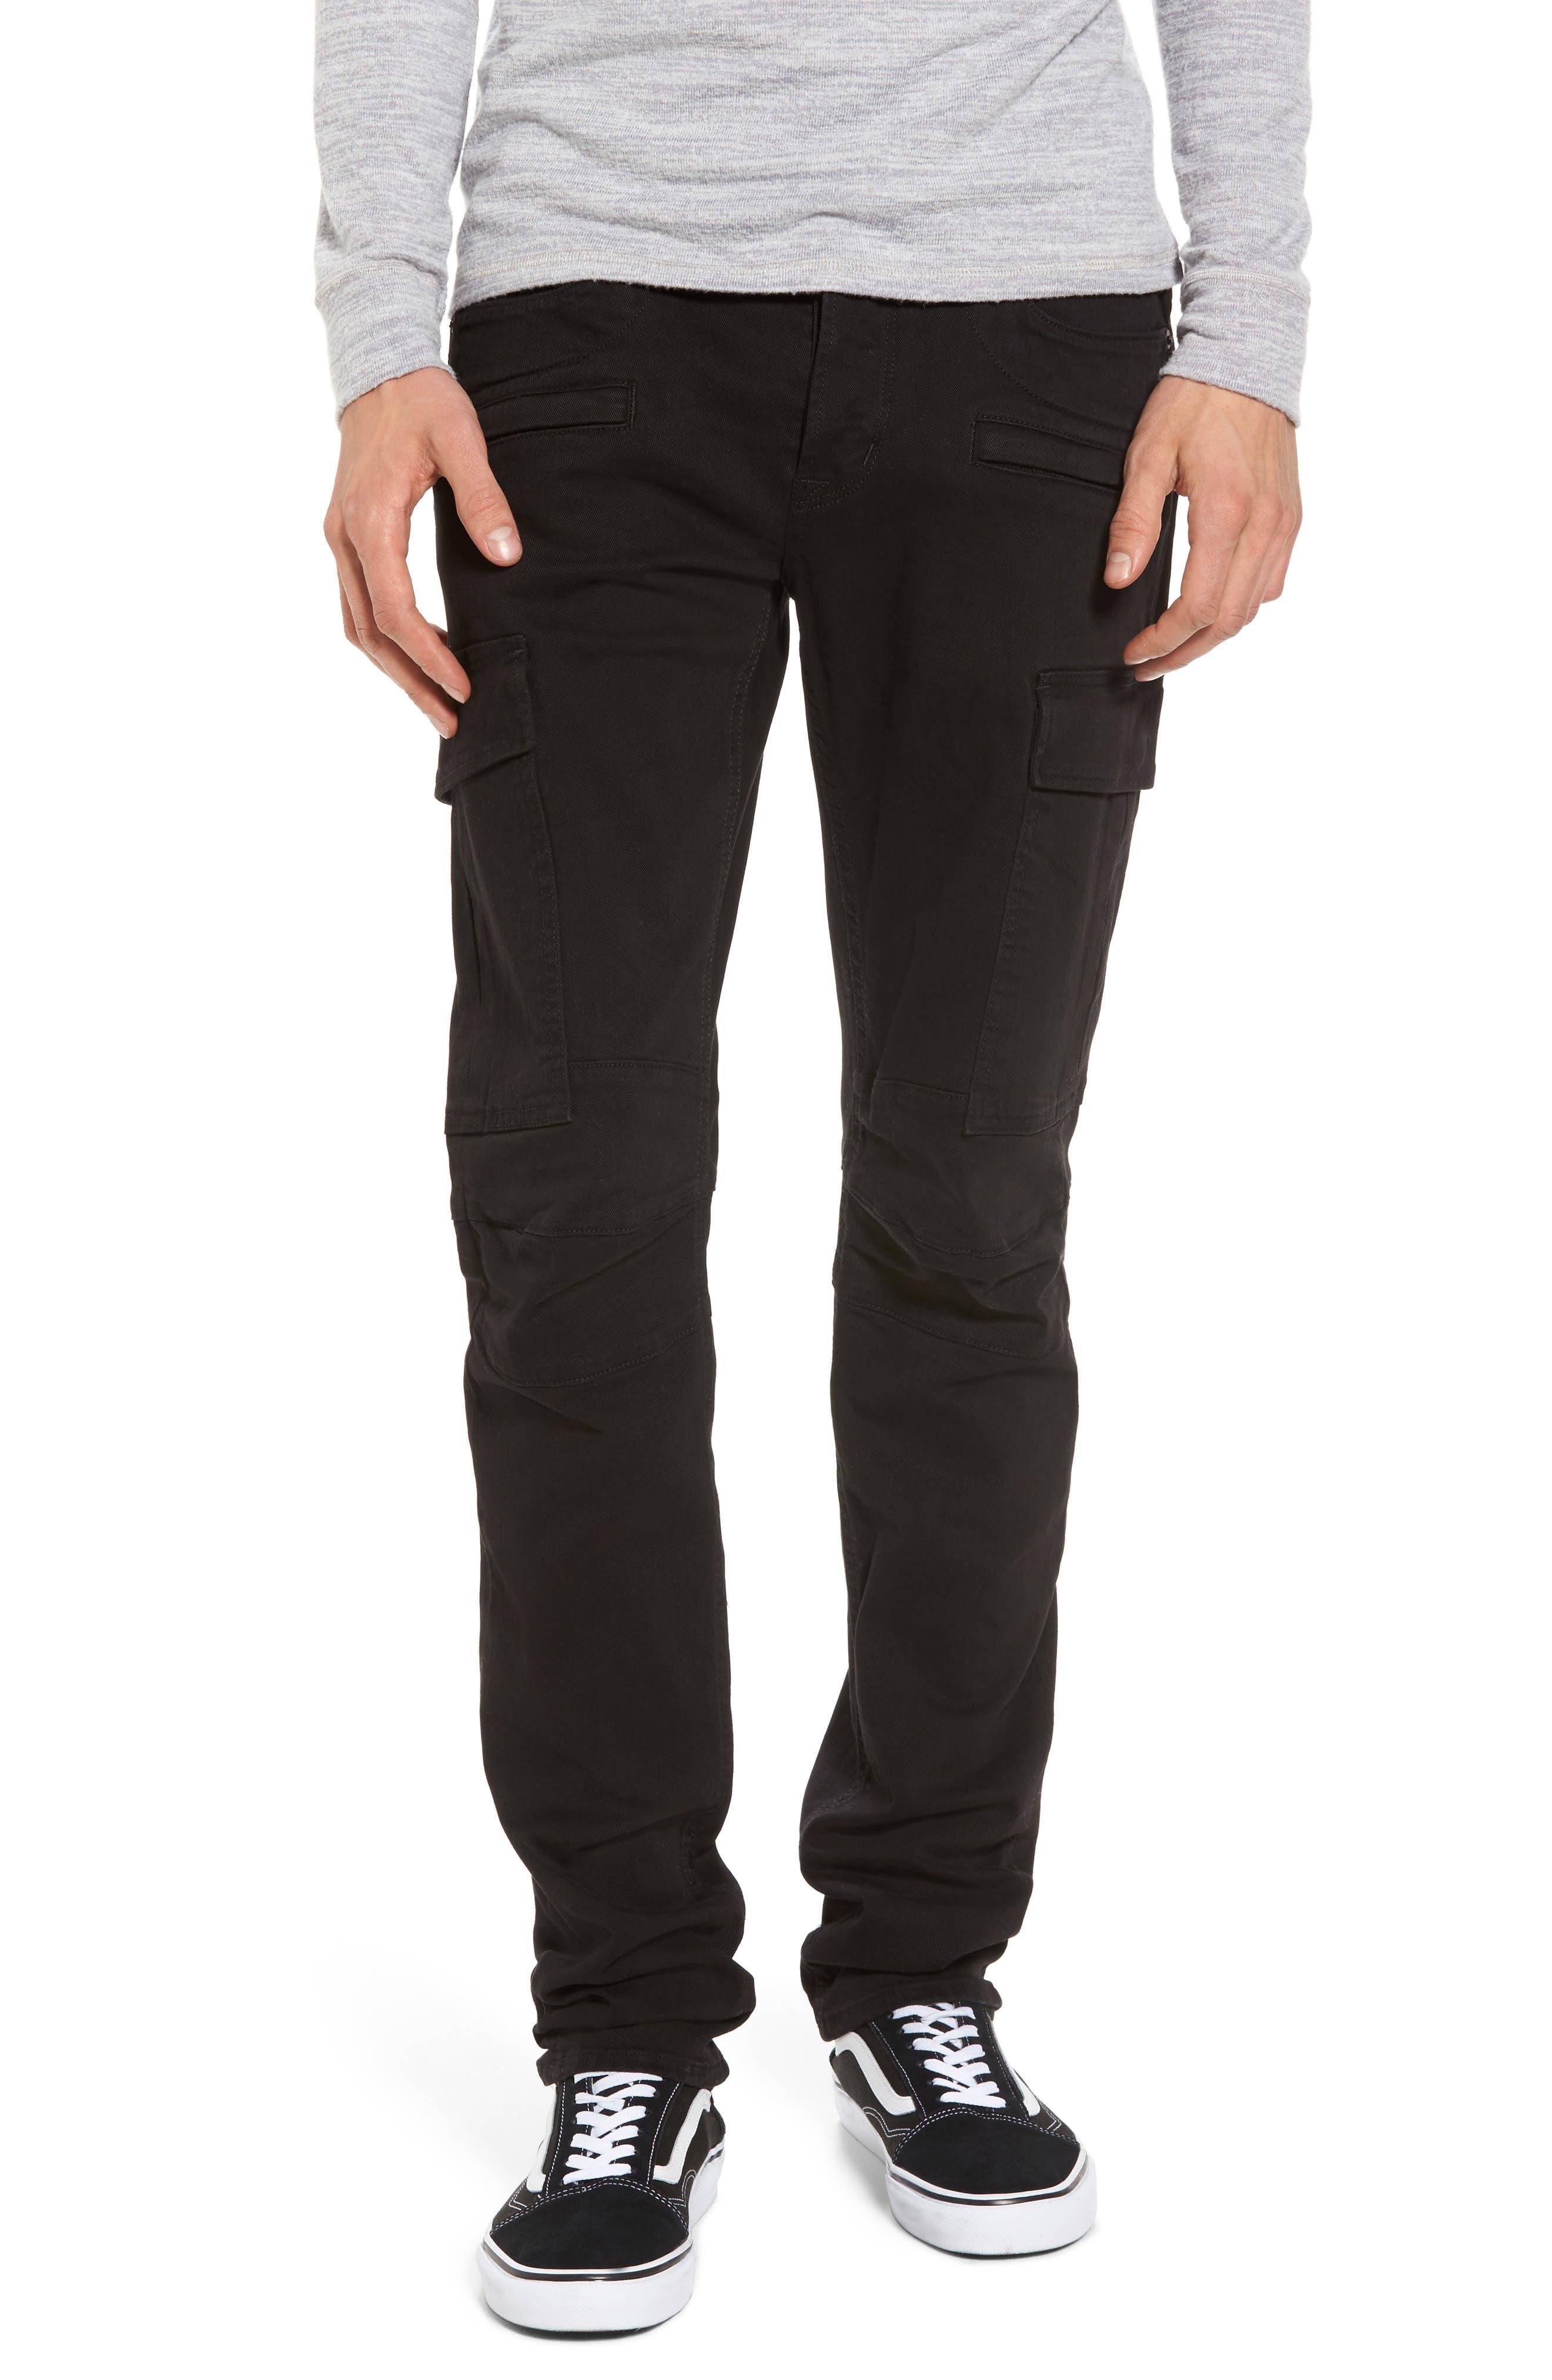 Alternate Image 1 Selected - Hudson Jeans Greyson Cargo Biker Skinny Fit Jeans (Black)